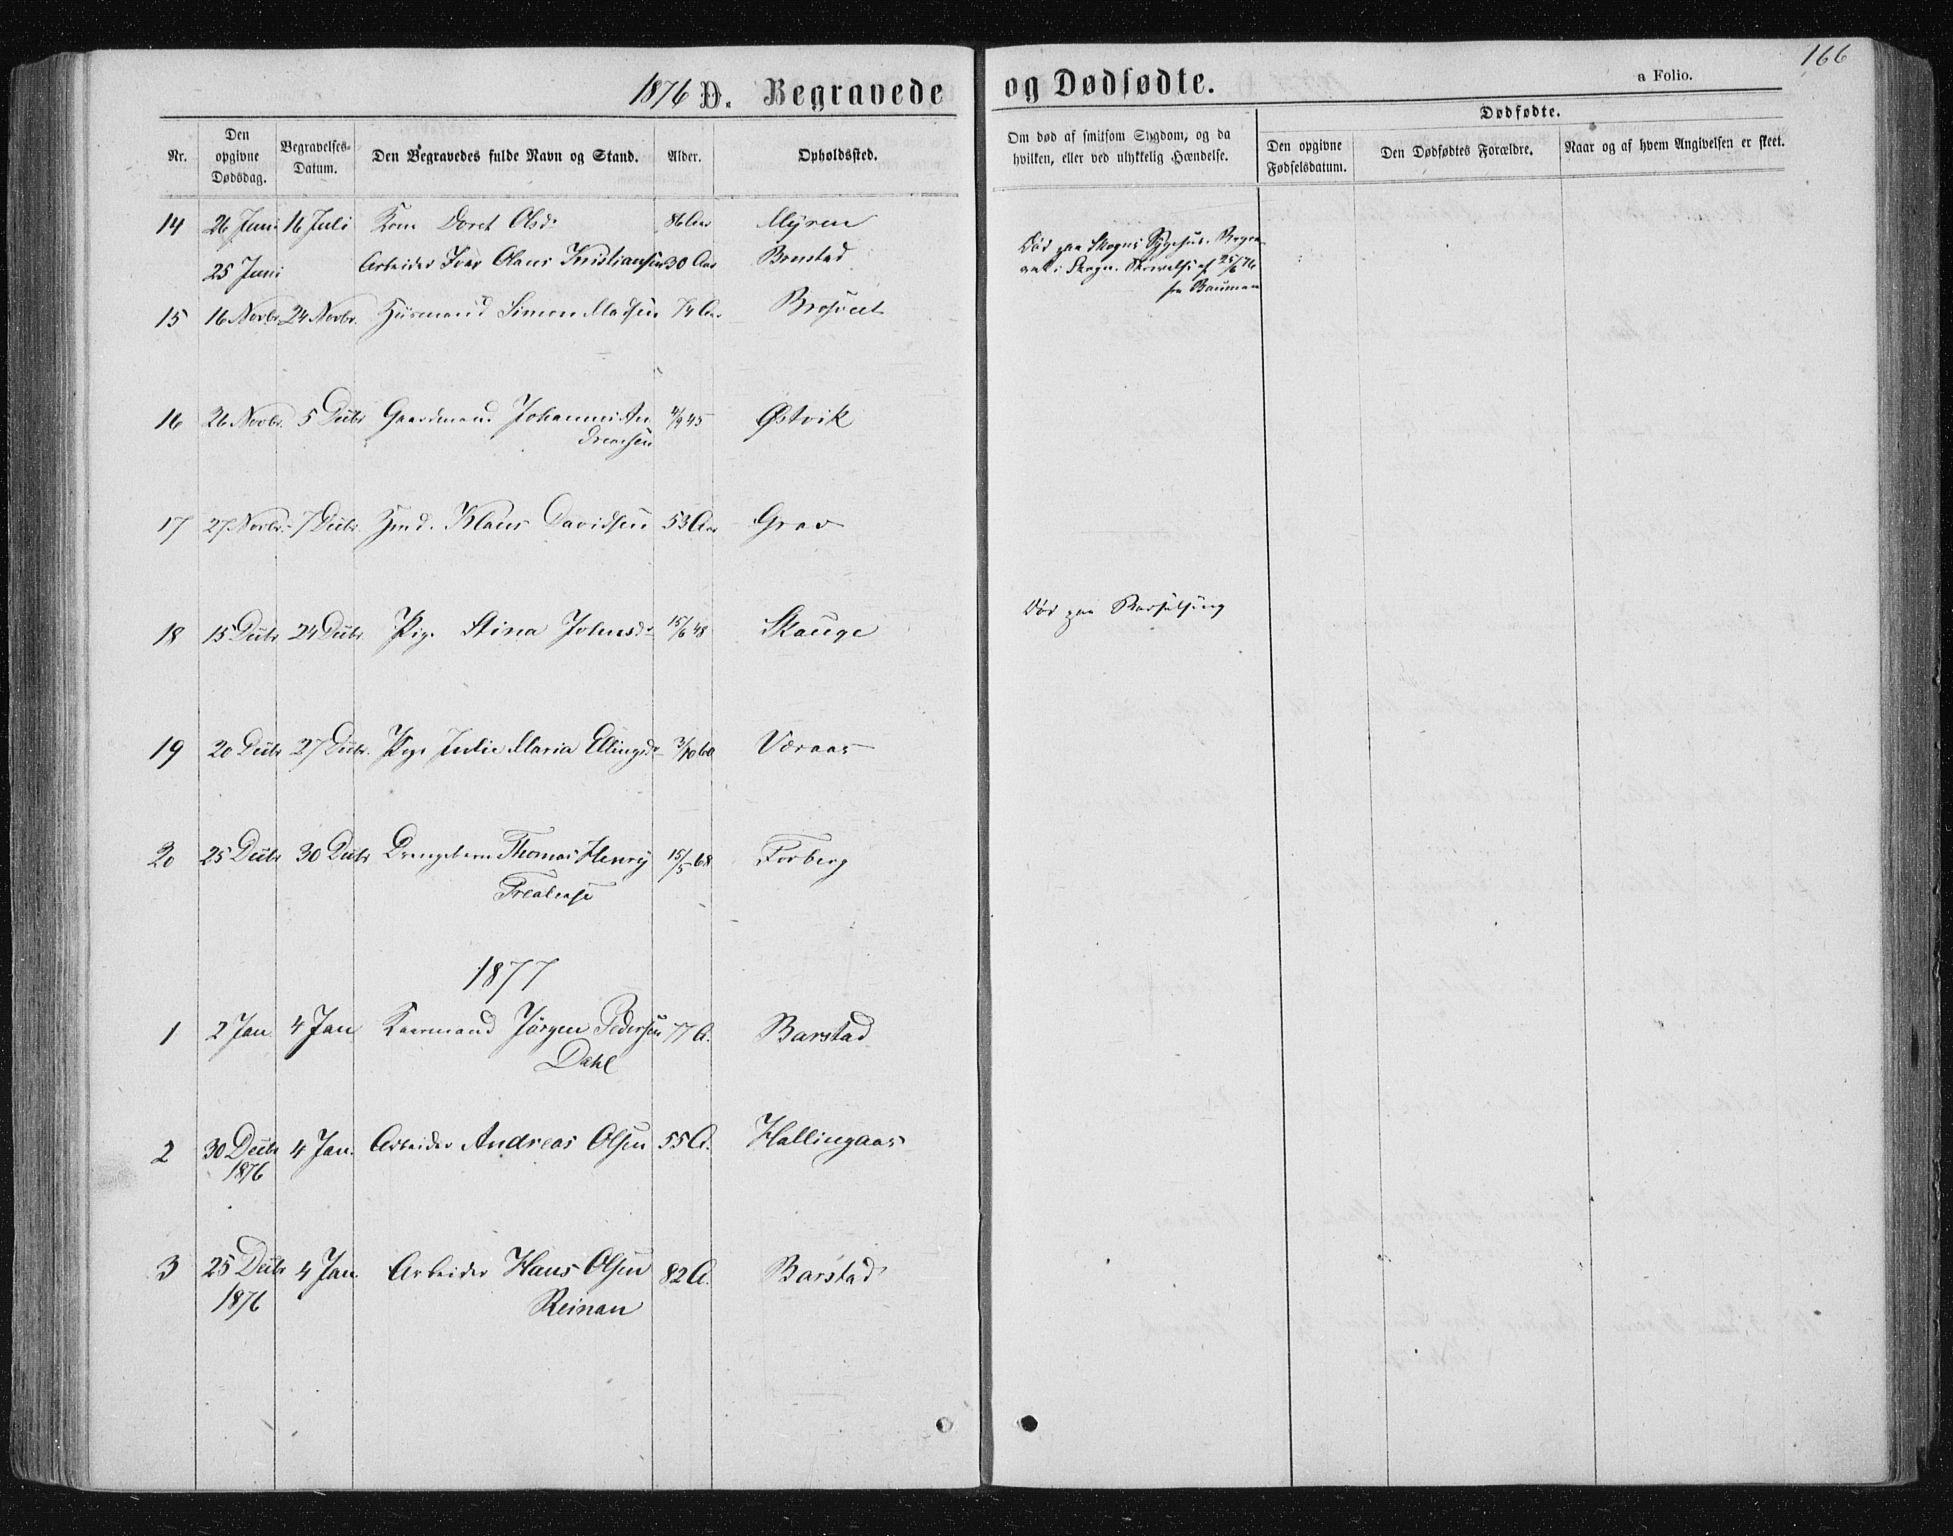 SAT, Ministerialprotokoller, klokkerbøker og fødselsregistre - Nord-Trøndelag, 722/L0219: Ministerialbok nr. 722A06, 1868-1880, s. 166